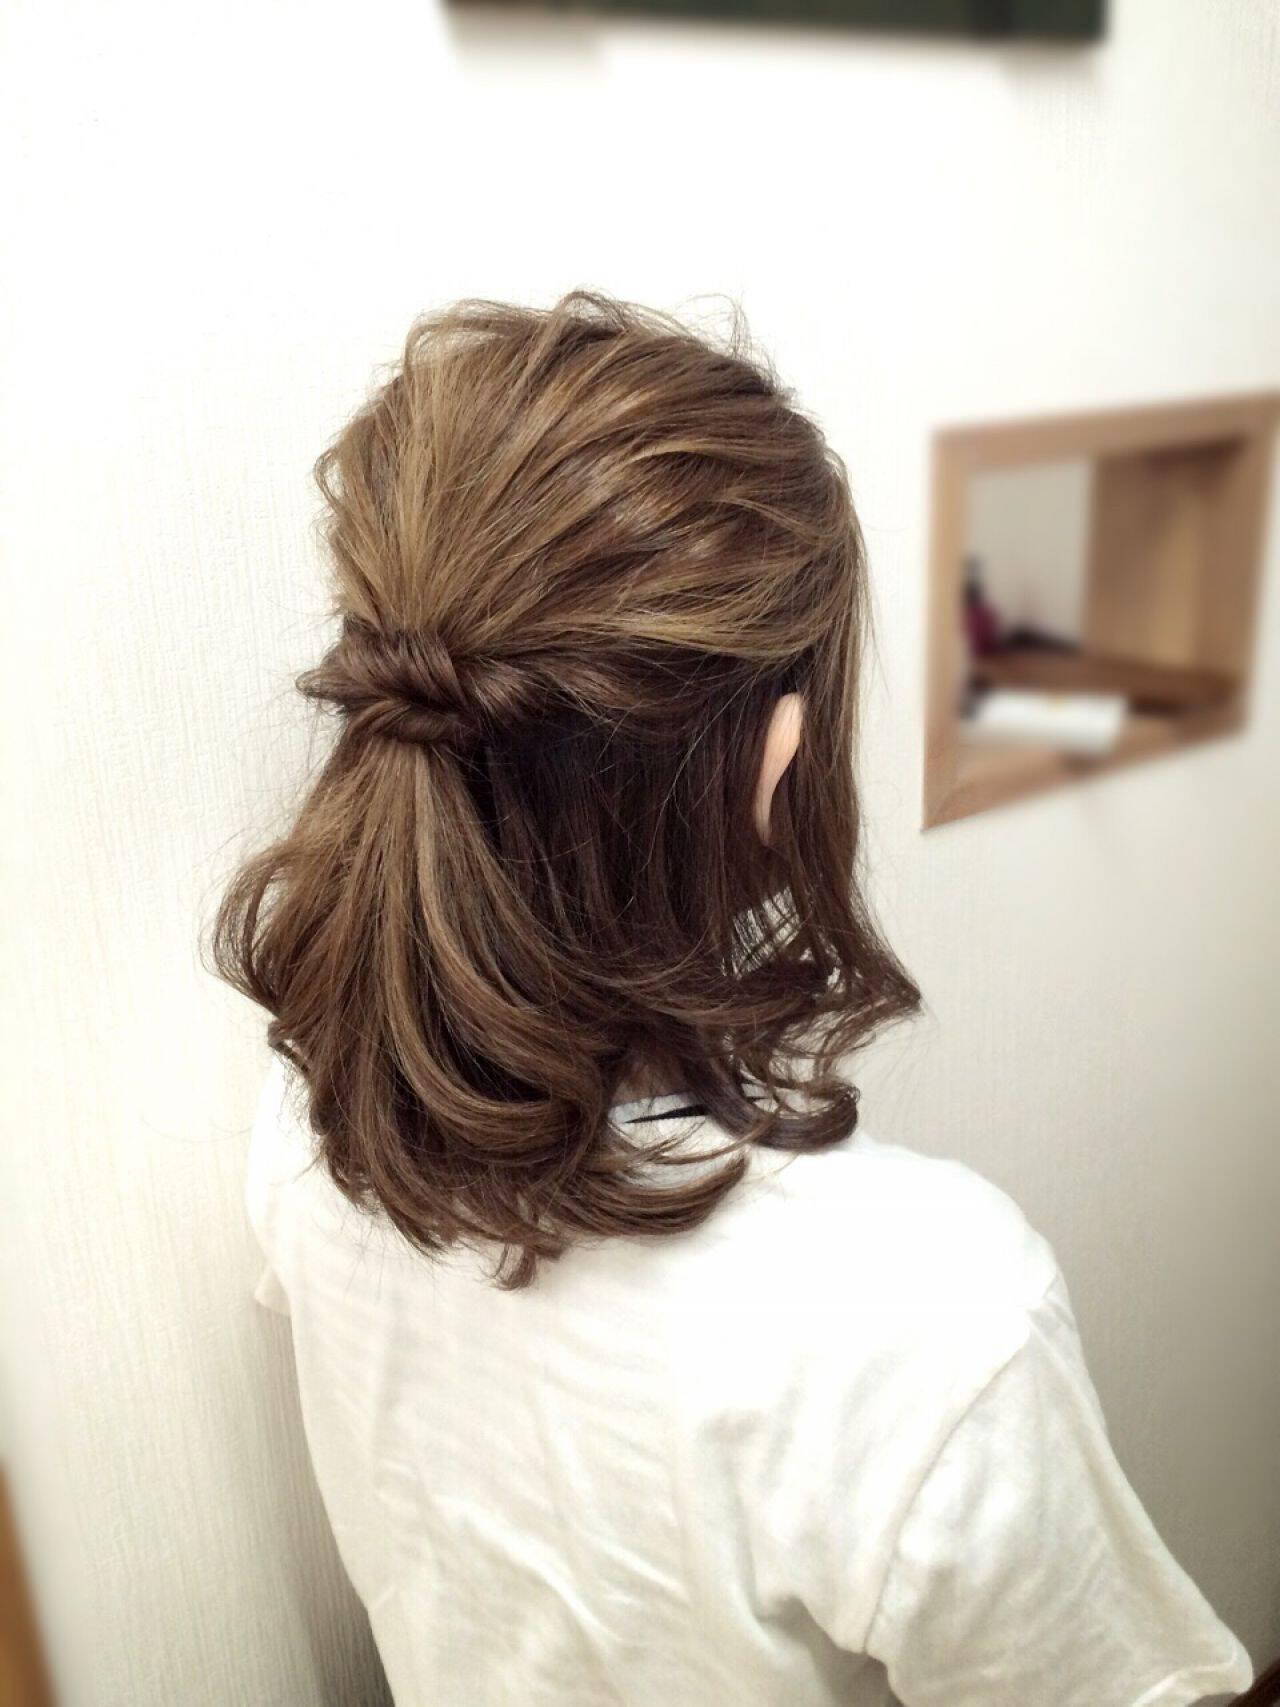 ナチュラル アップスタイル ヘアアレンジ ハーフアップヘアスタイルや髪型の写真・画像